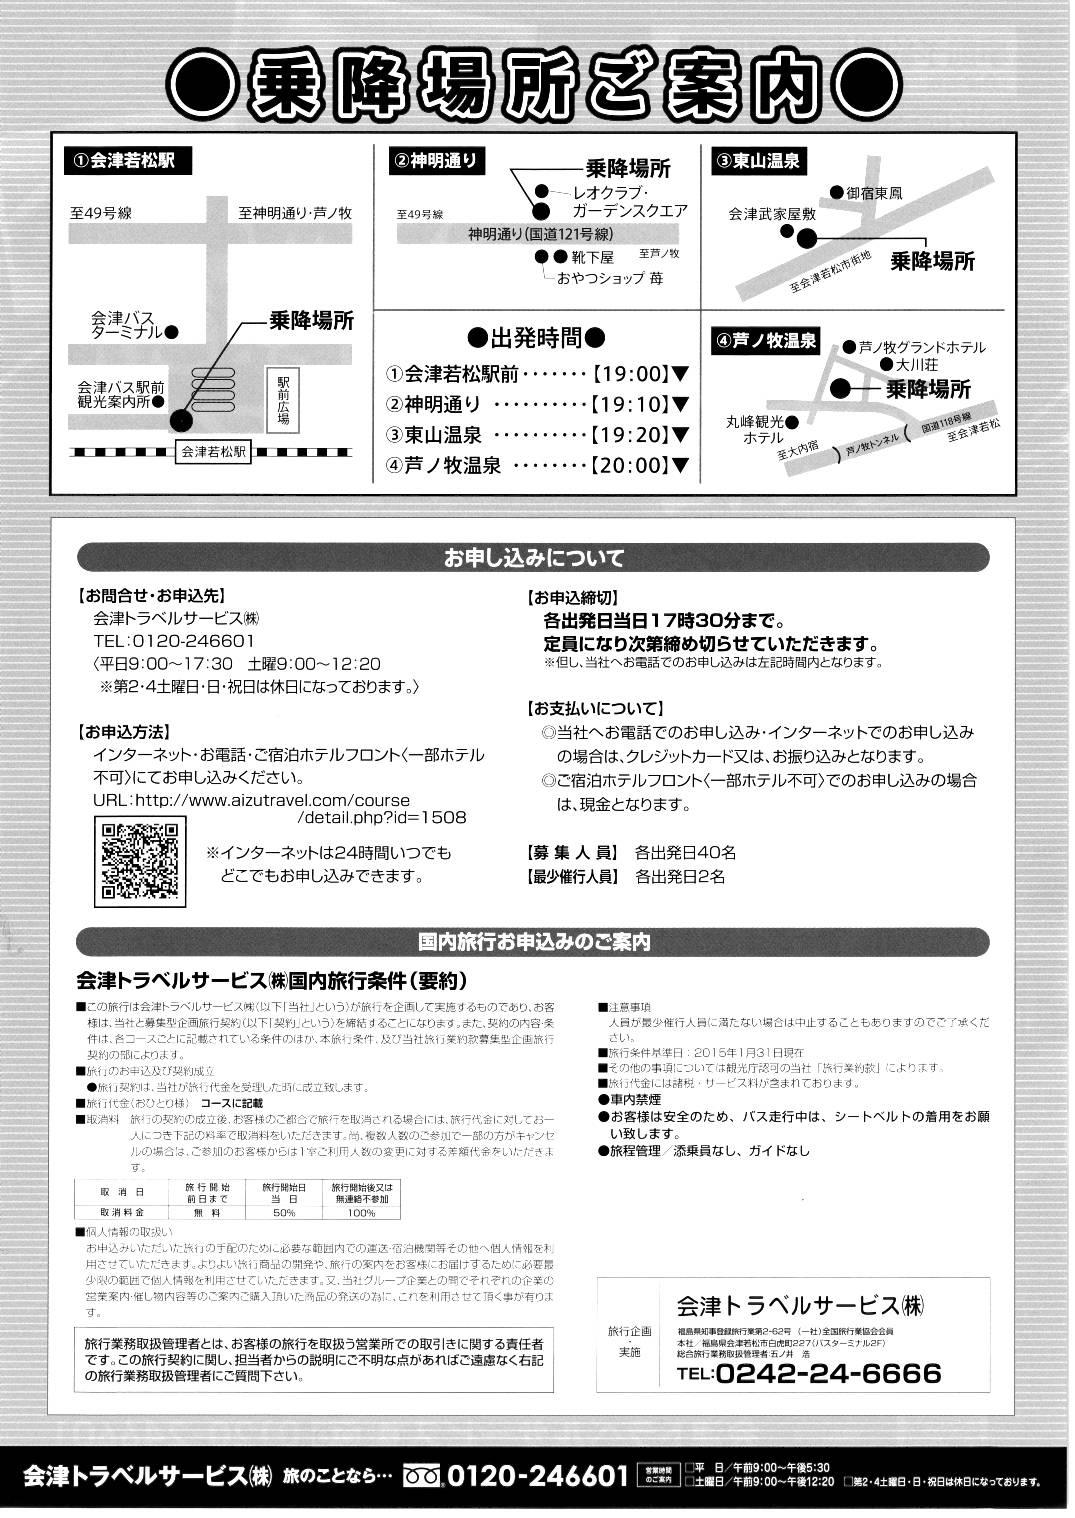 MX-4110FN_20150218_212827_002